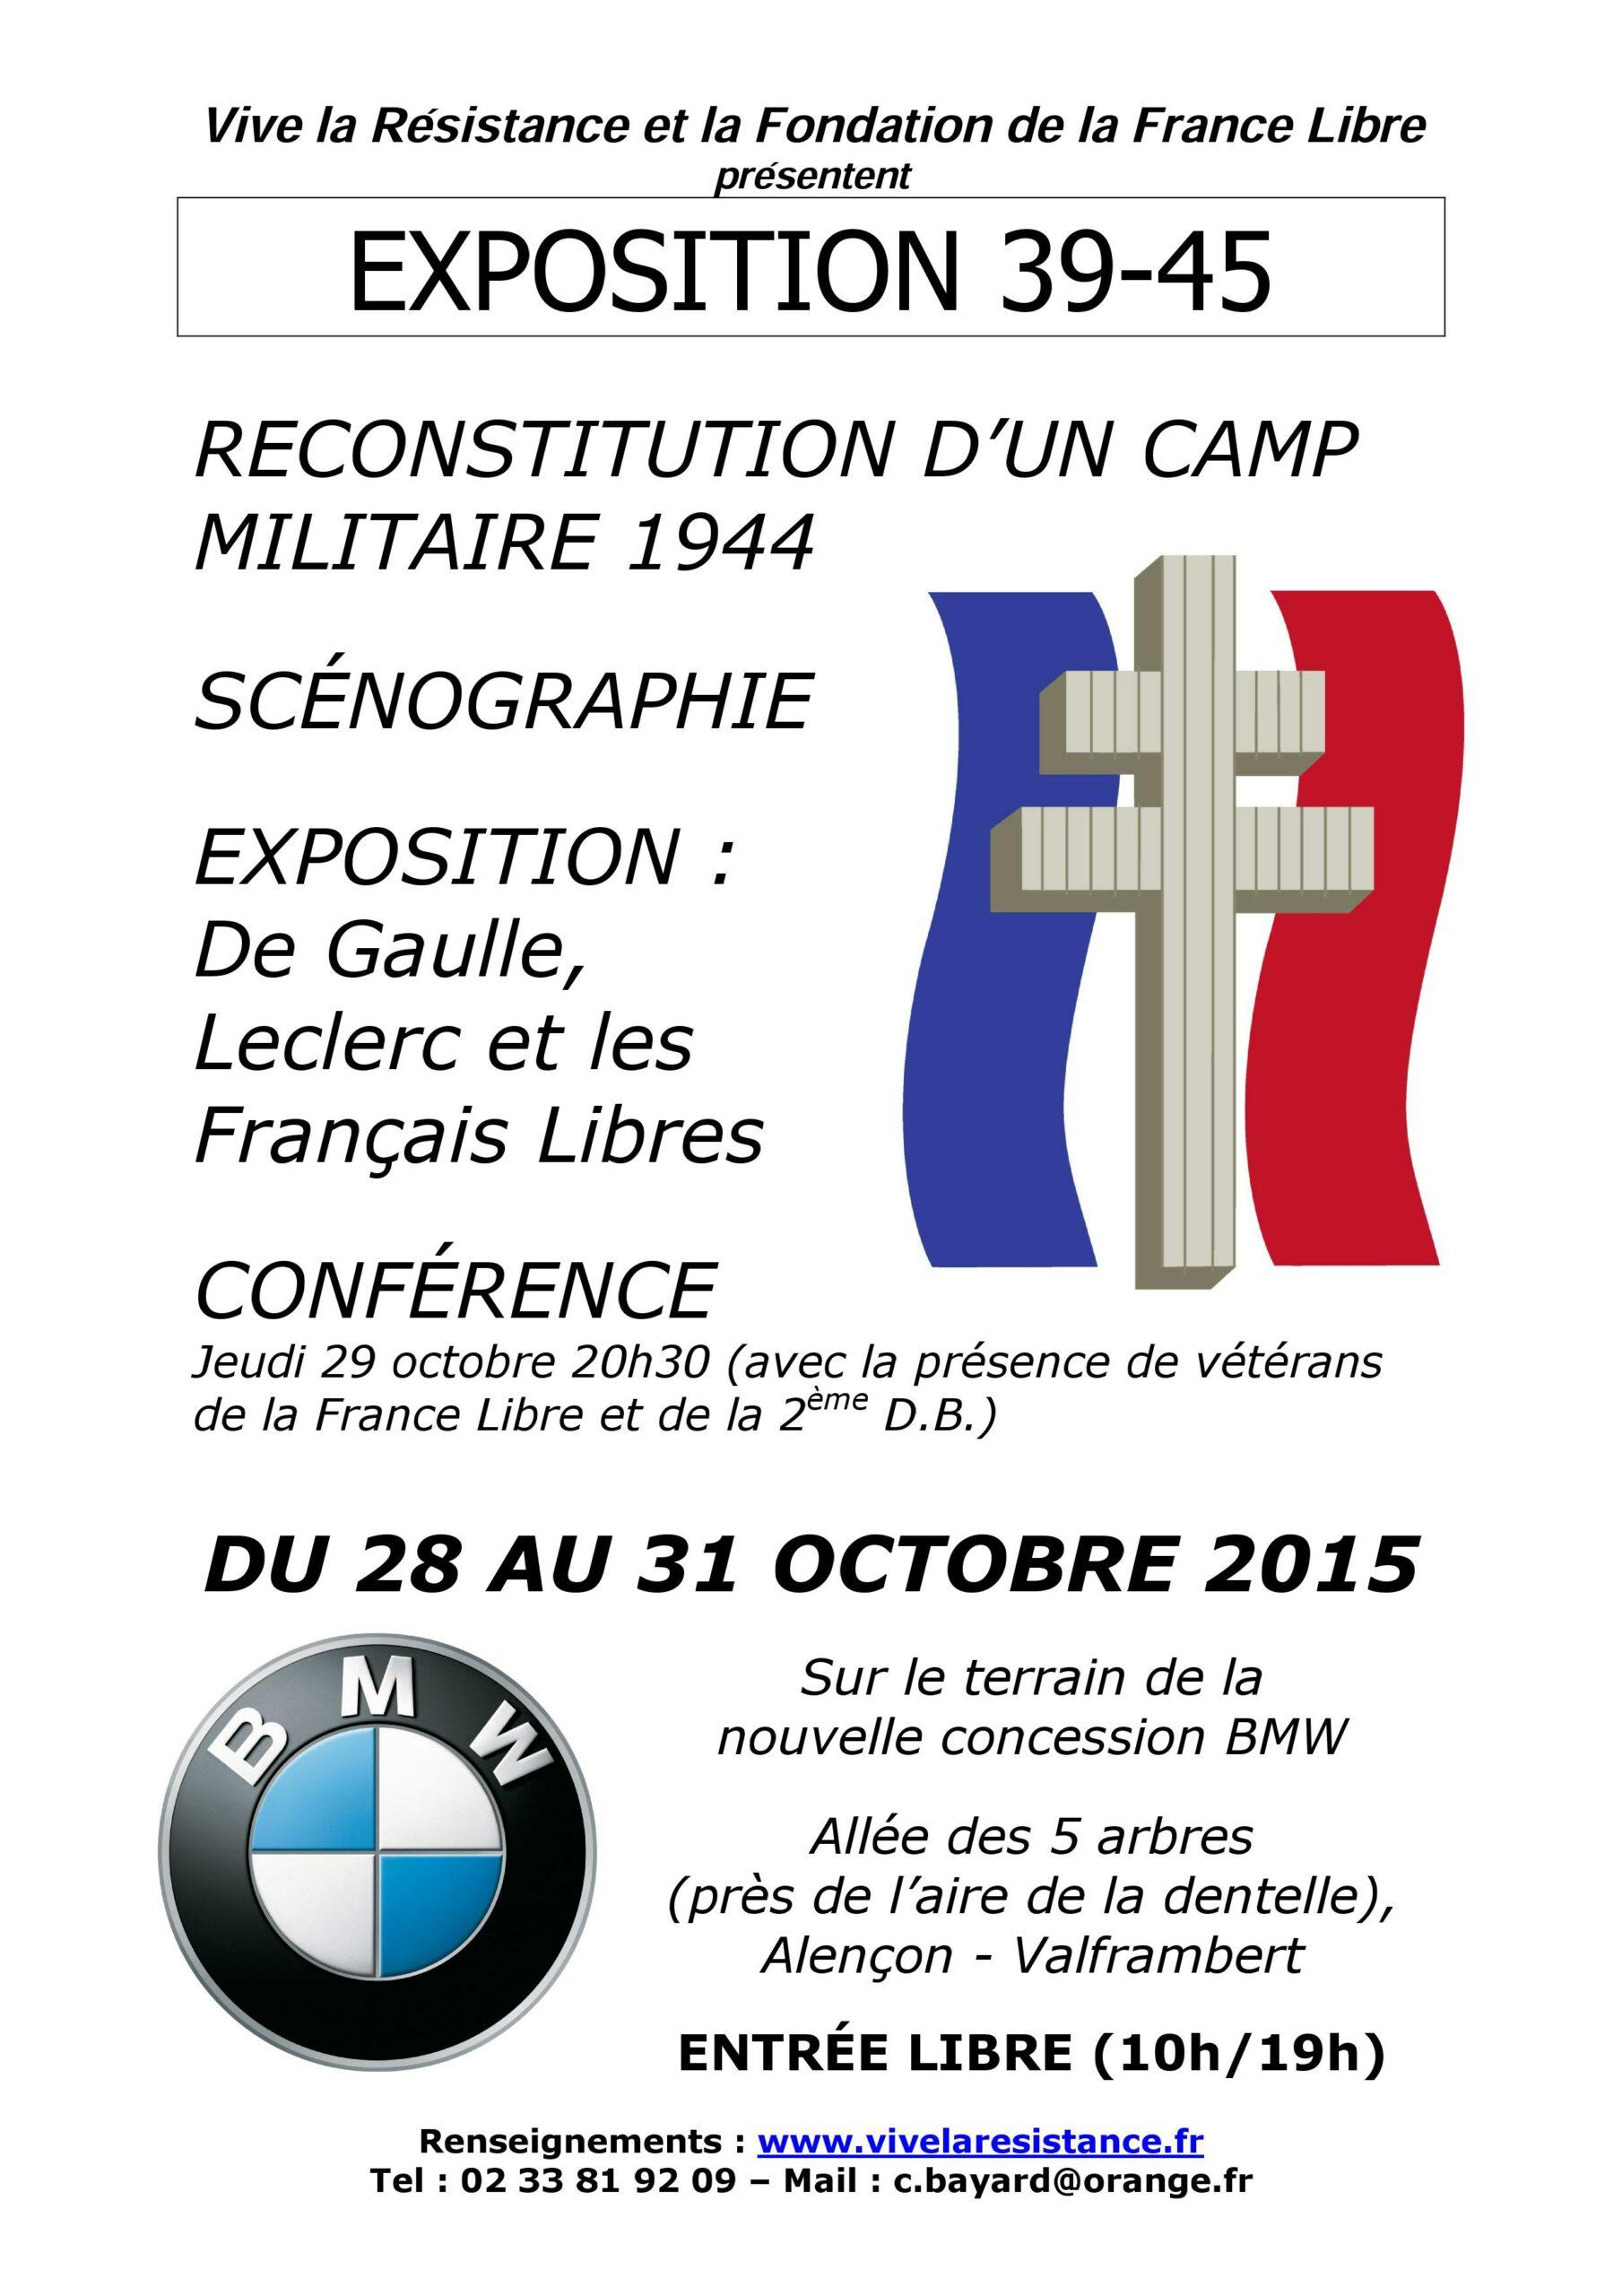 Exposition de Gaulle, Leclerc et les Français Libres